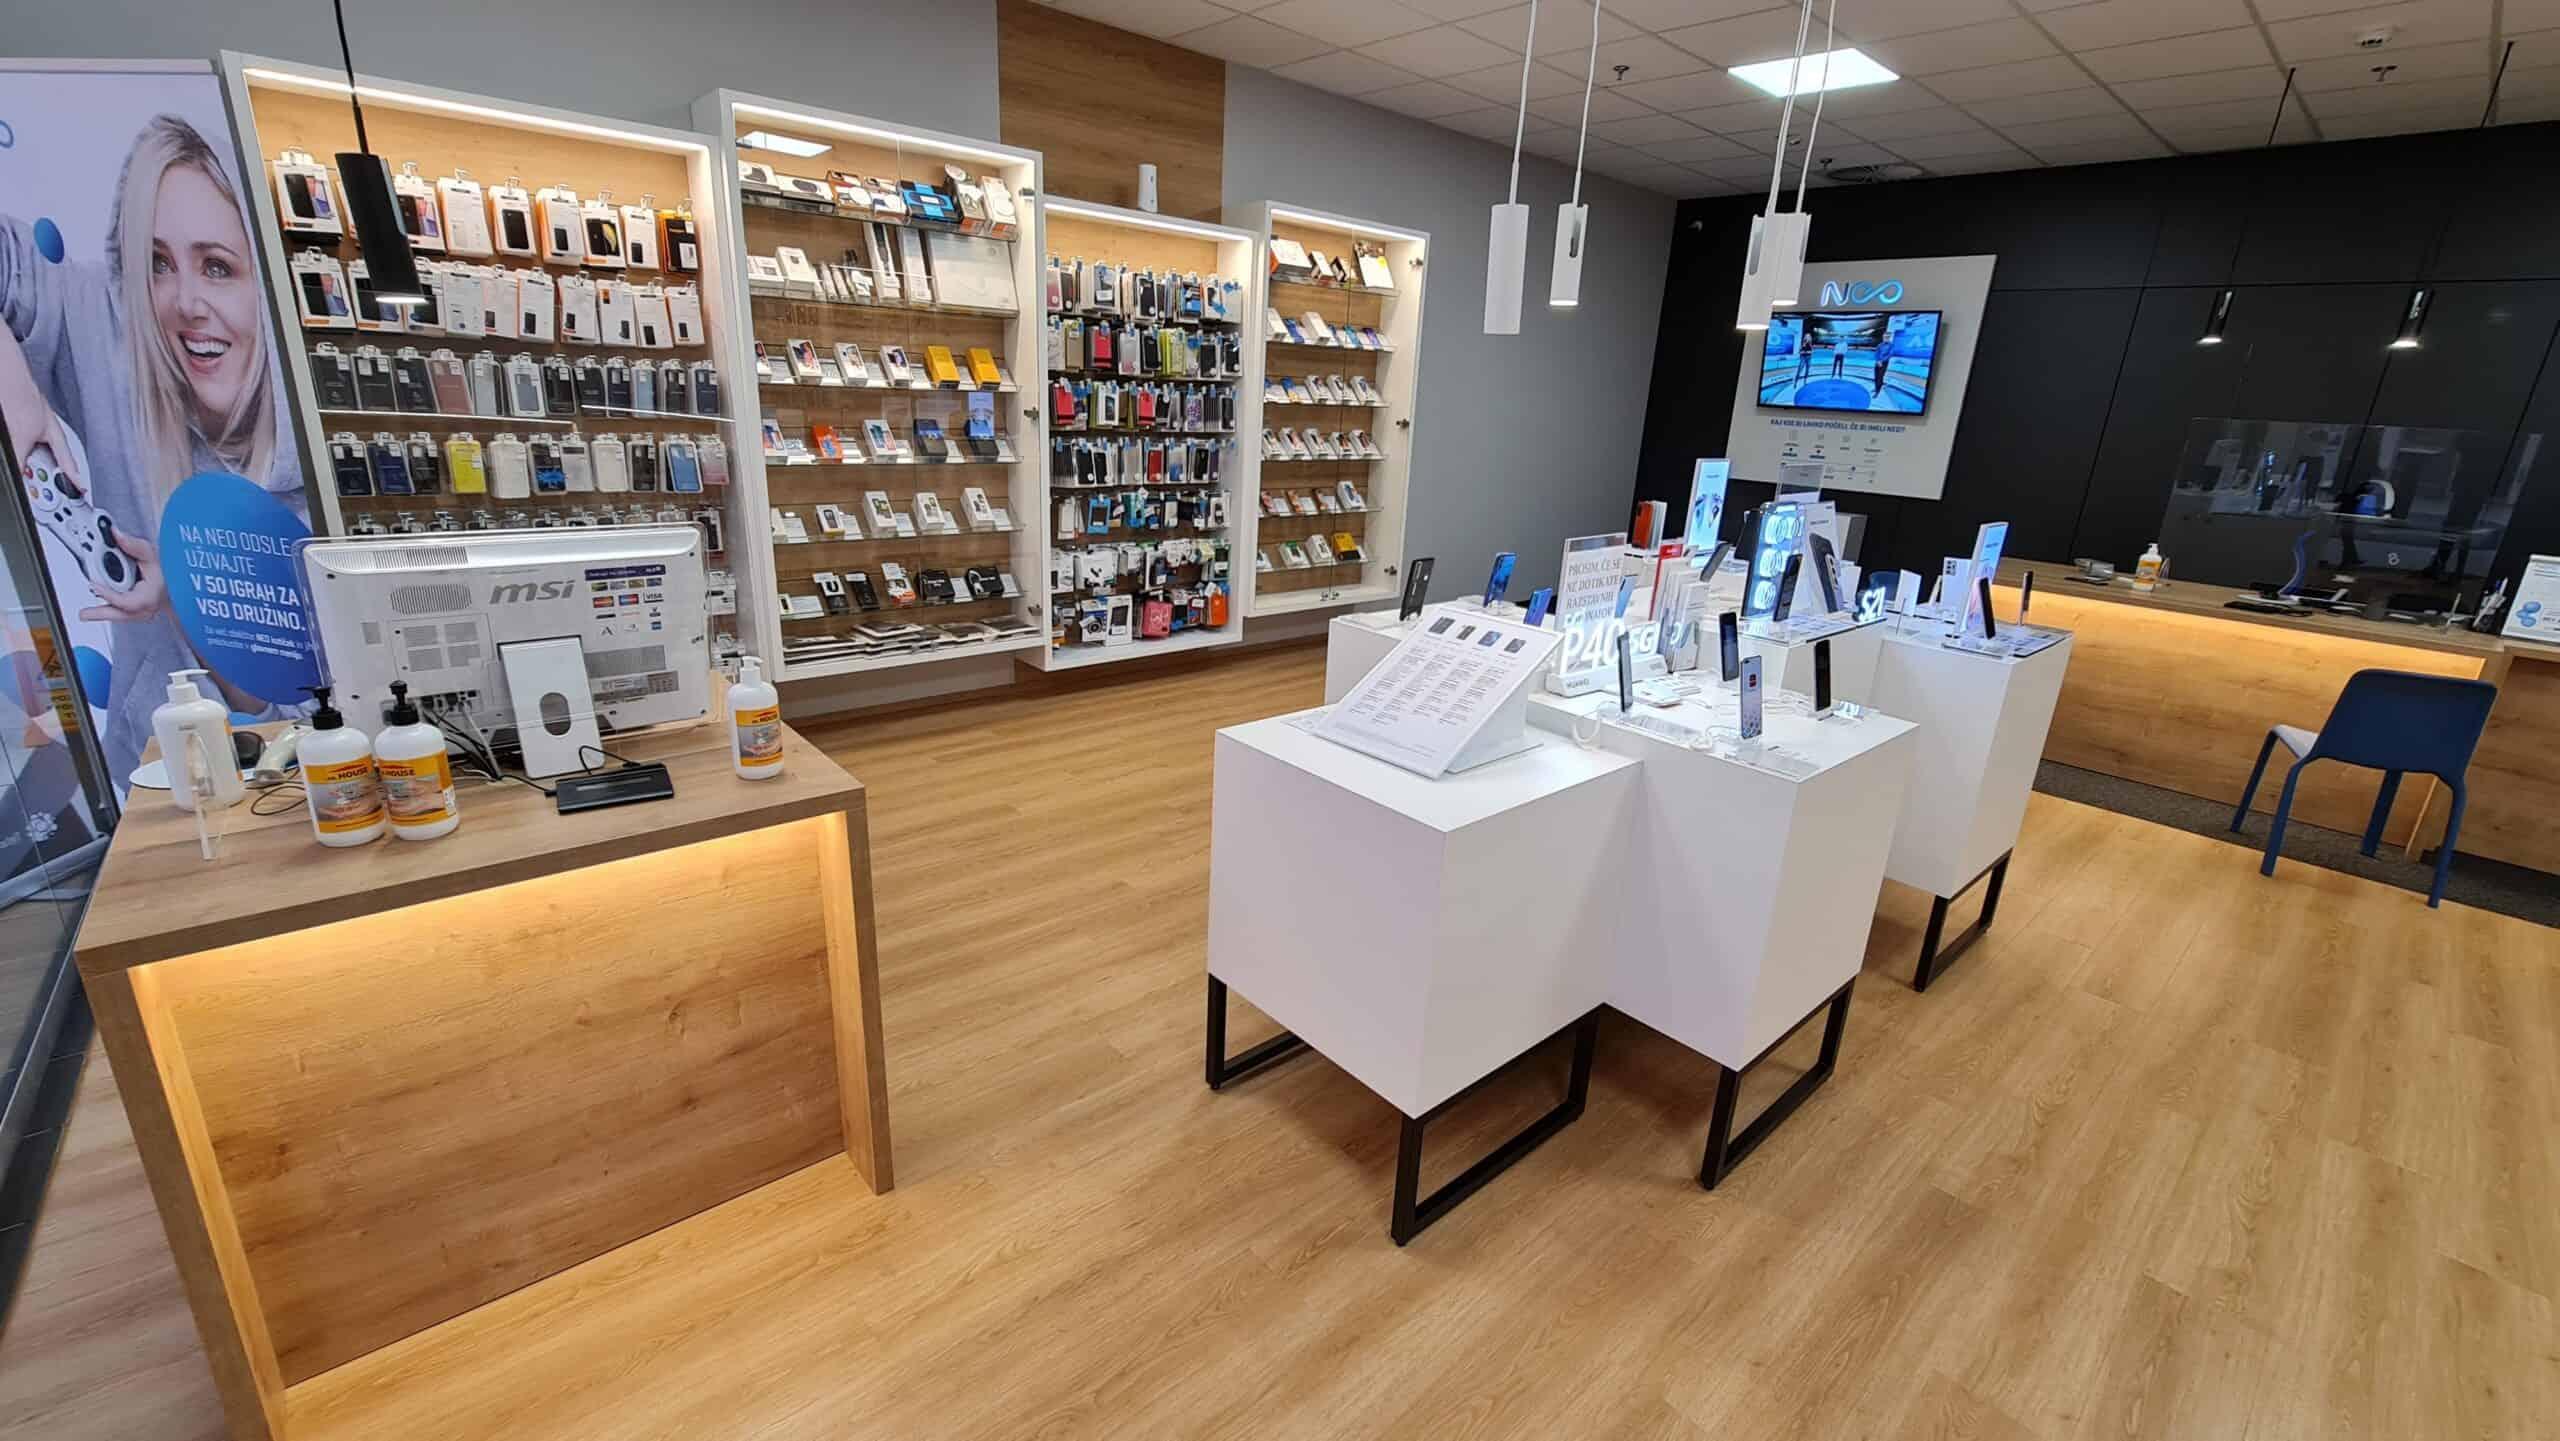 Prodajalna Mobtel Velenjka Pooblaščeni prodajalec Telekoma Slovenije